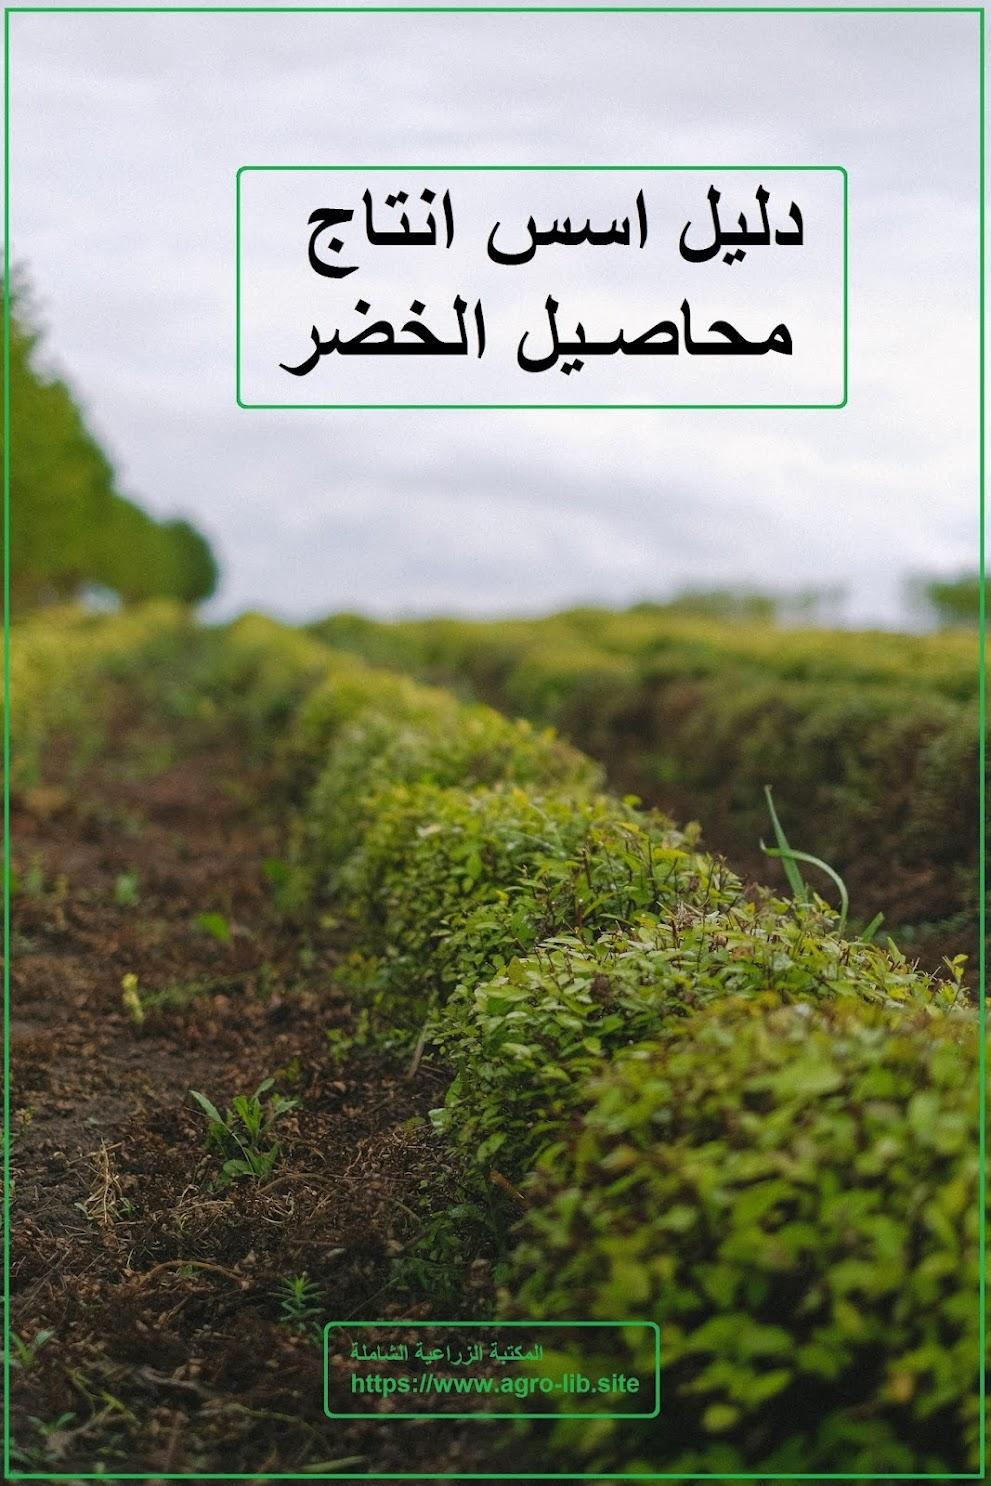 كتاب : دليل اسس انتاج محاصيل الخضر